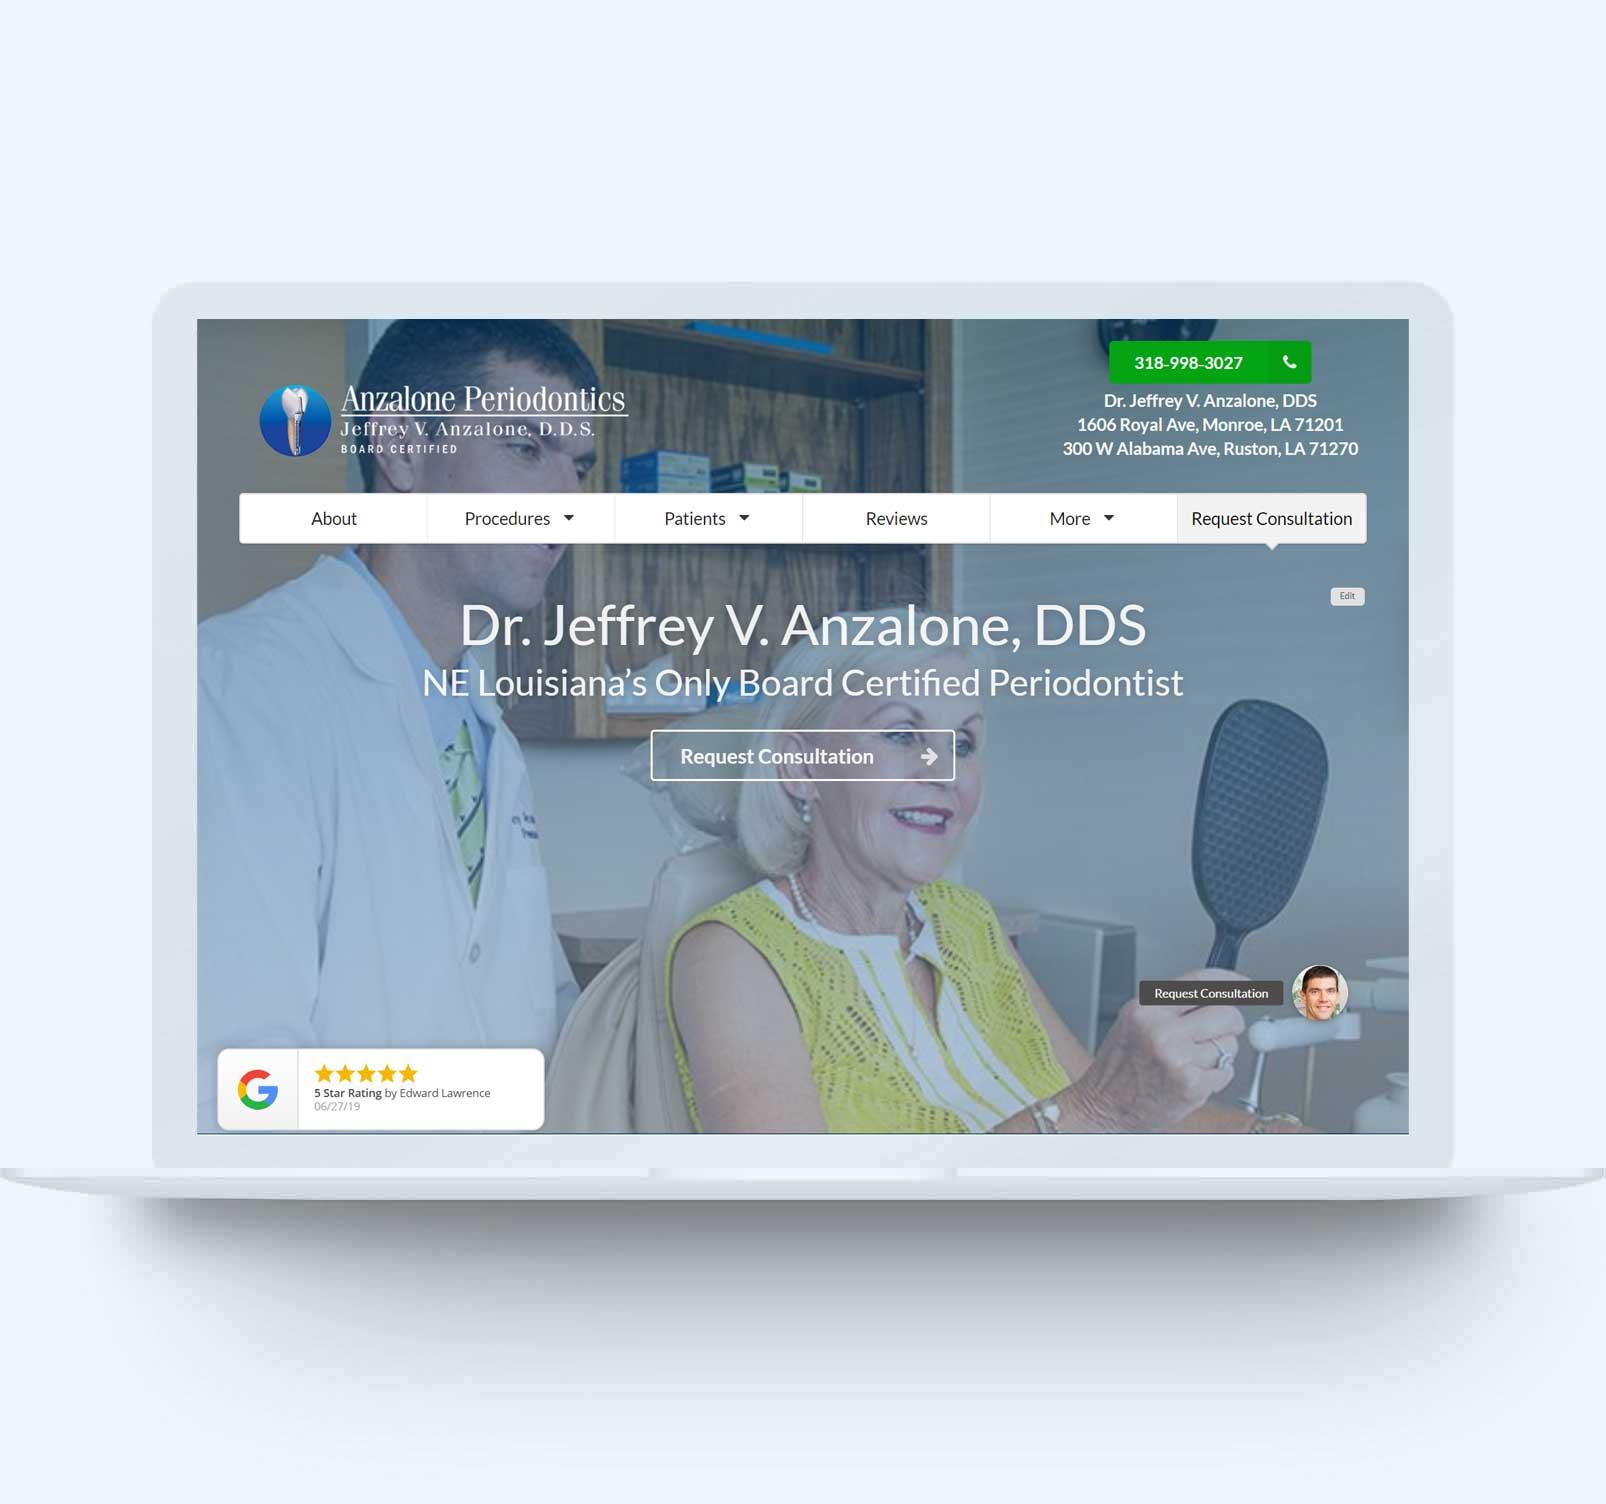 web-design-marketing-anzalone-periodontics